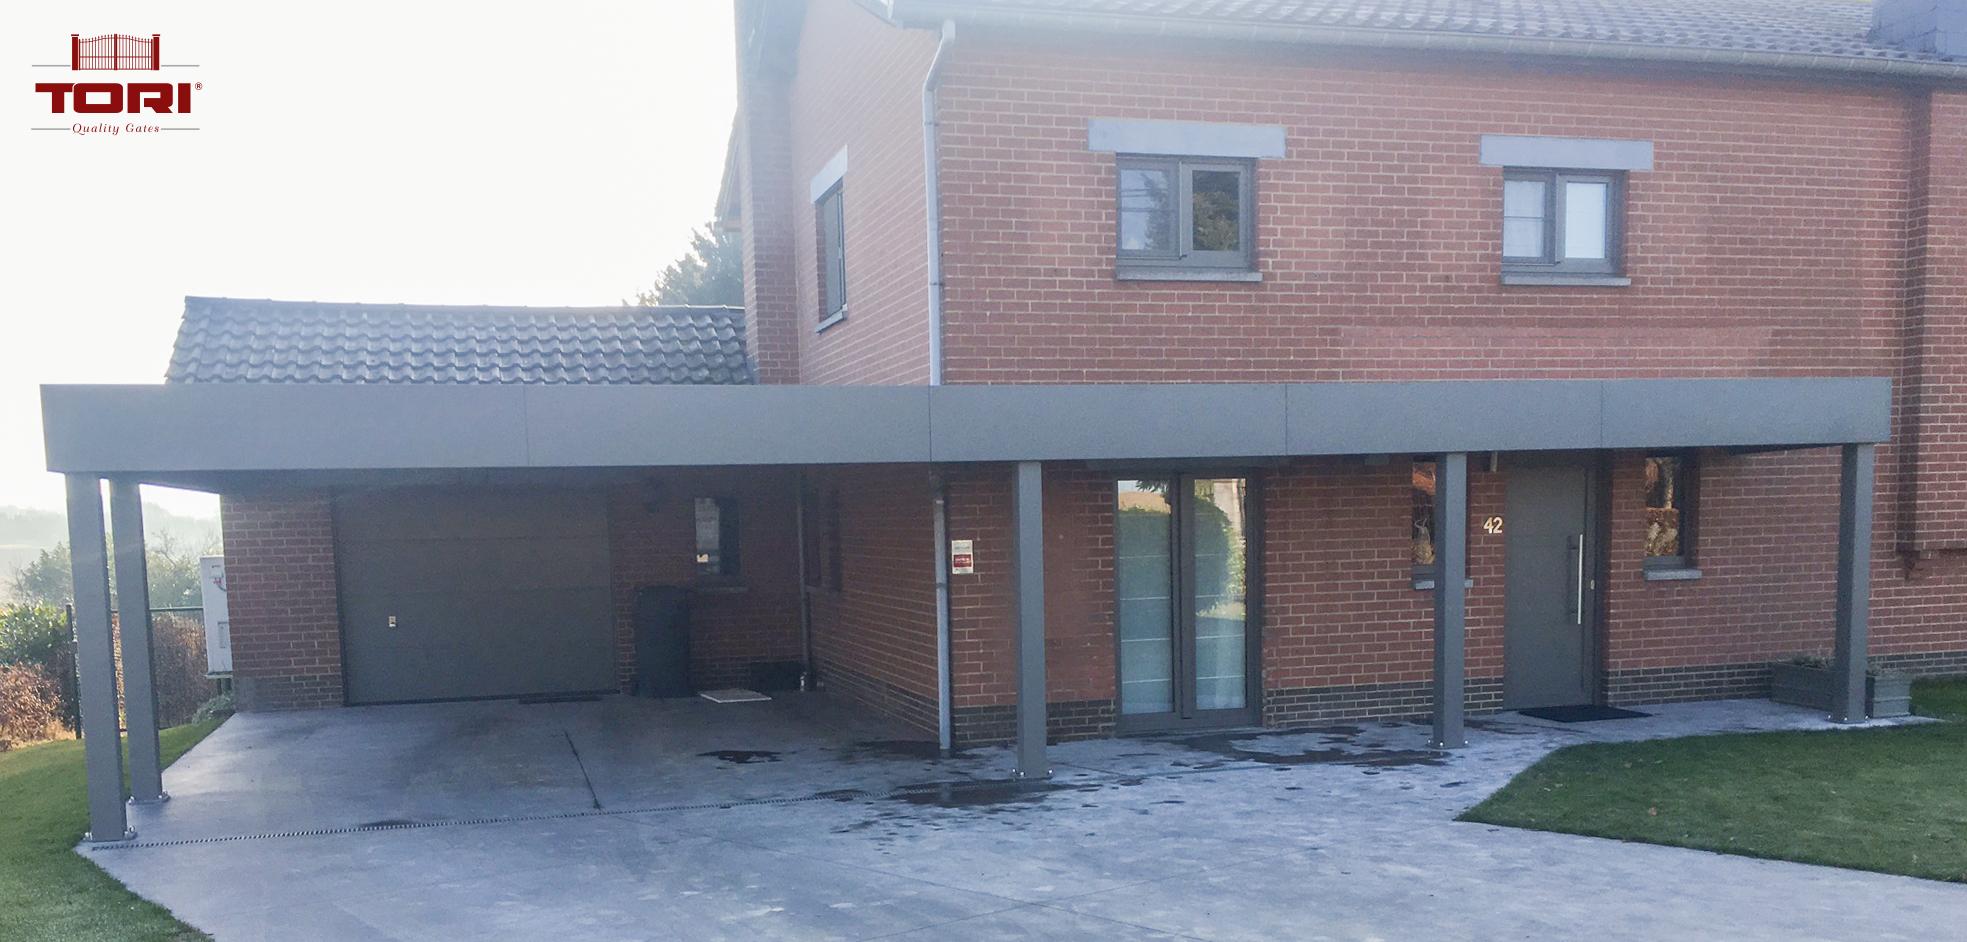 Carport aluminium horizon tori portails - Carport aluminium belgique ...